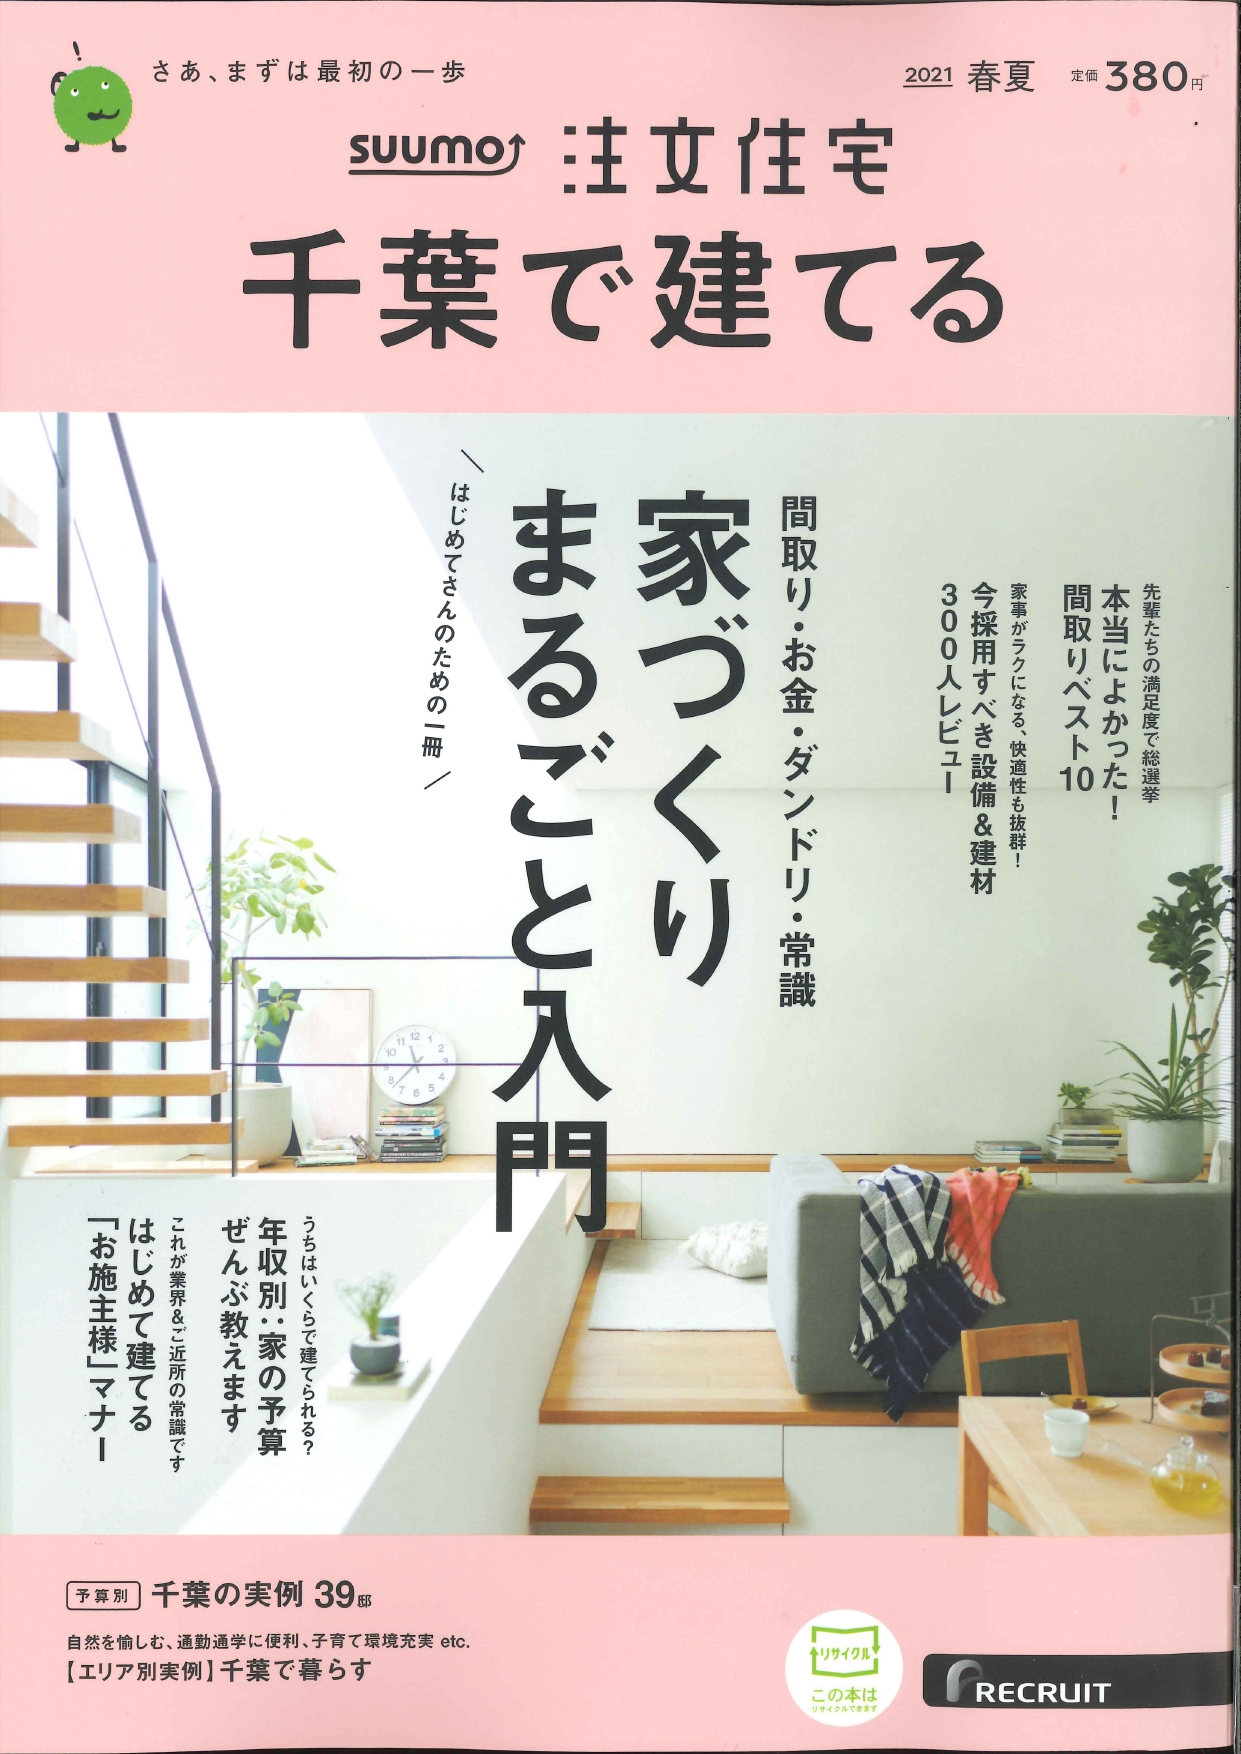 千葉で建てる2021春夏表紙